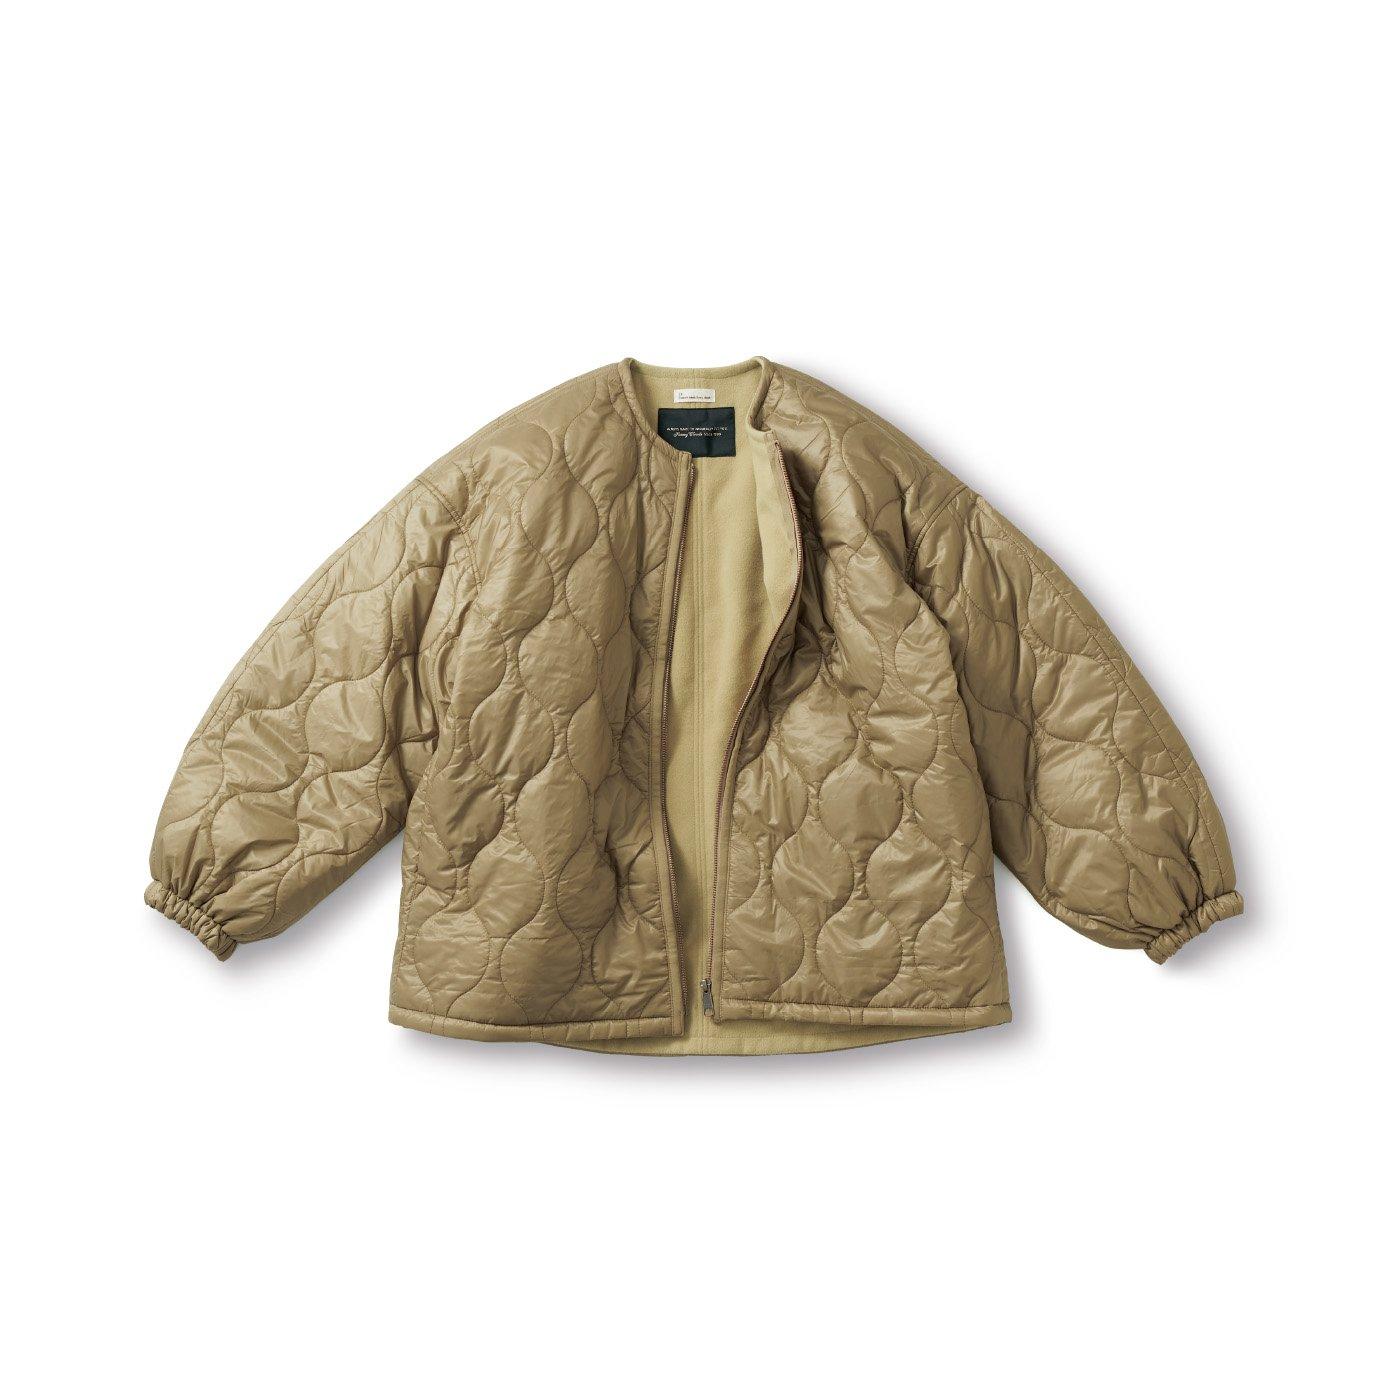 SUNNY CLOUDS kazumiのススキ色のキルトジャケット〈レディース〉